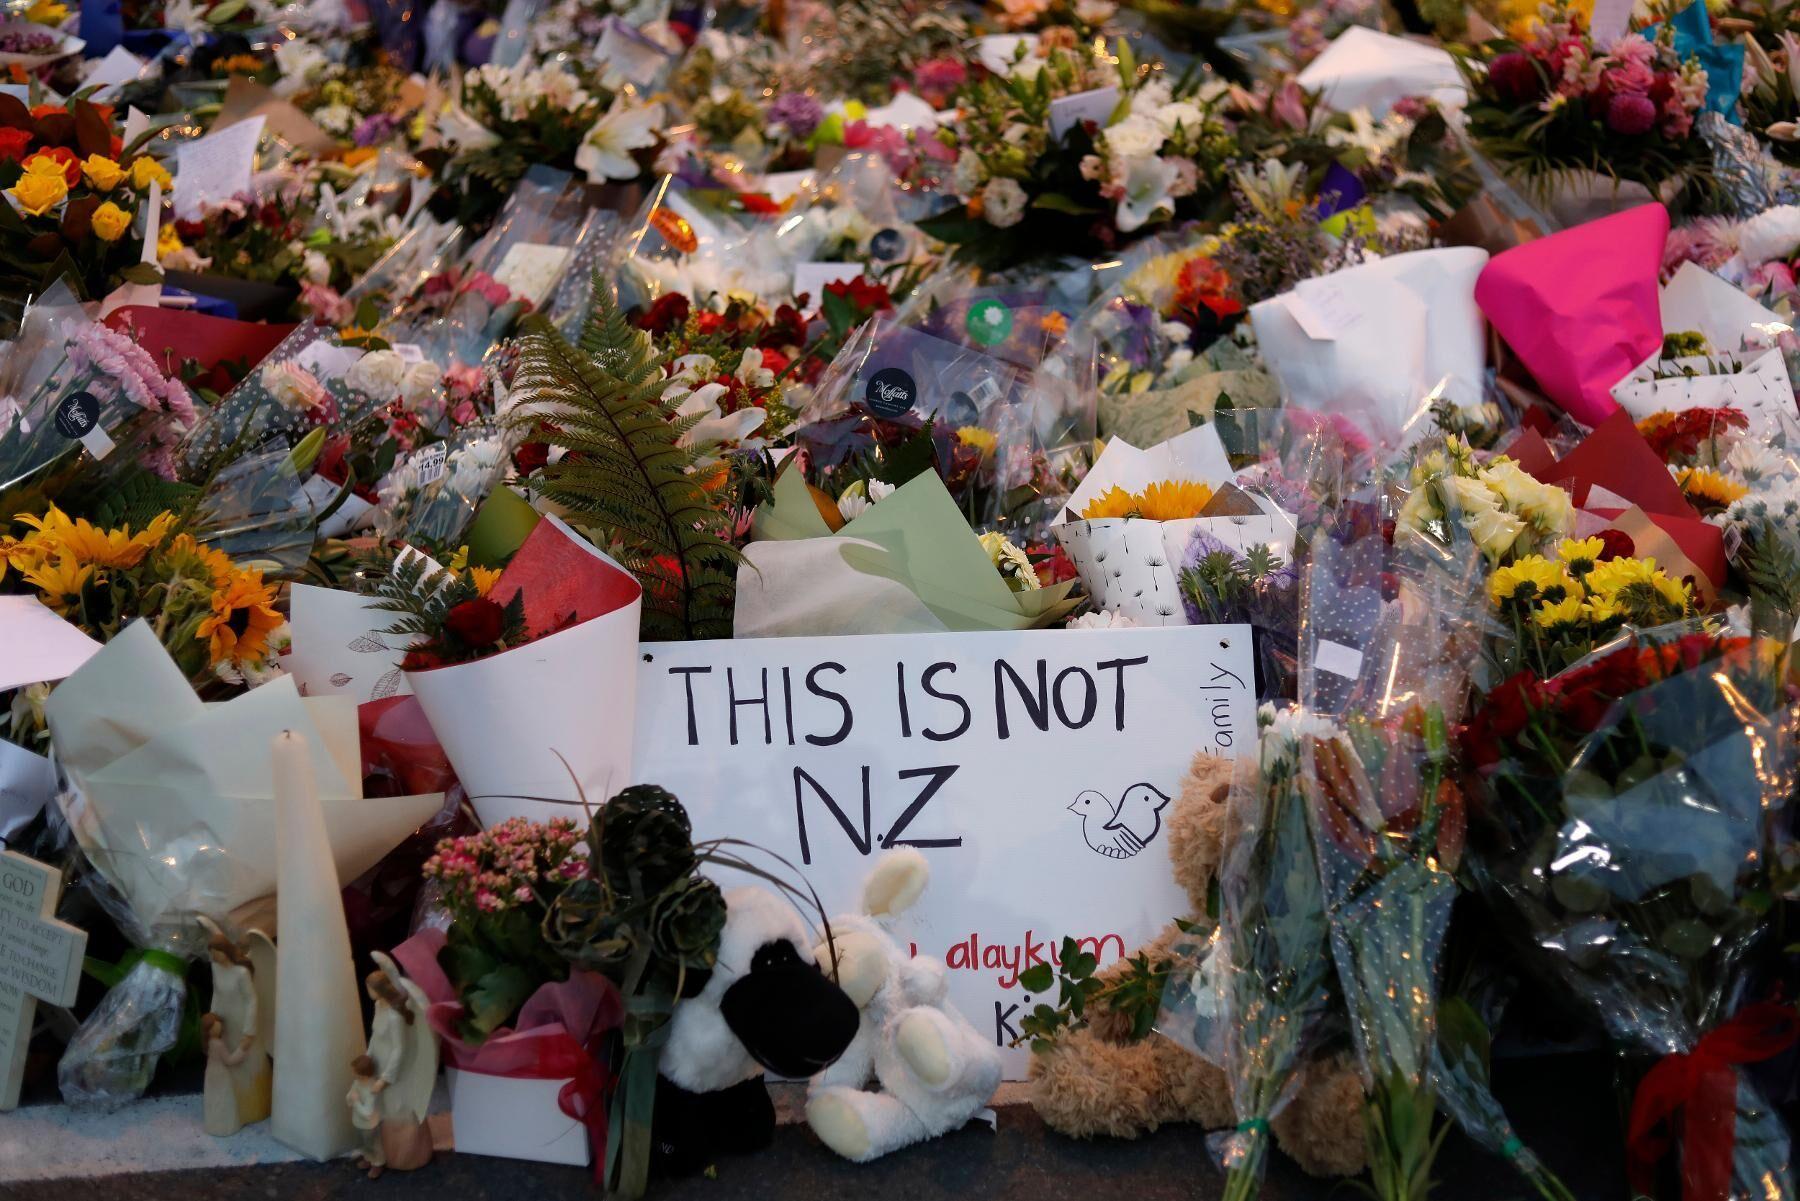 Blommor vid en minnesplats för terrordådet i Christchurch i Nya Zeeland 2019, då 51 människor mördades av en terrorist som kallade sig själv för ekofascist. Arkivbild.